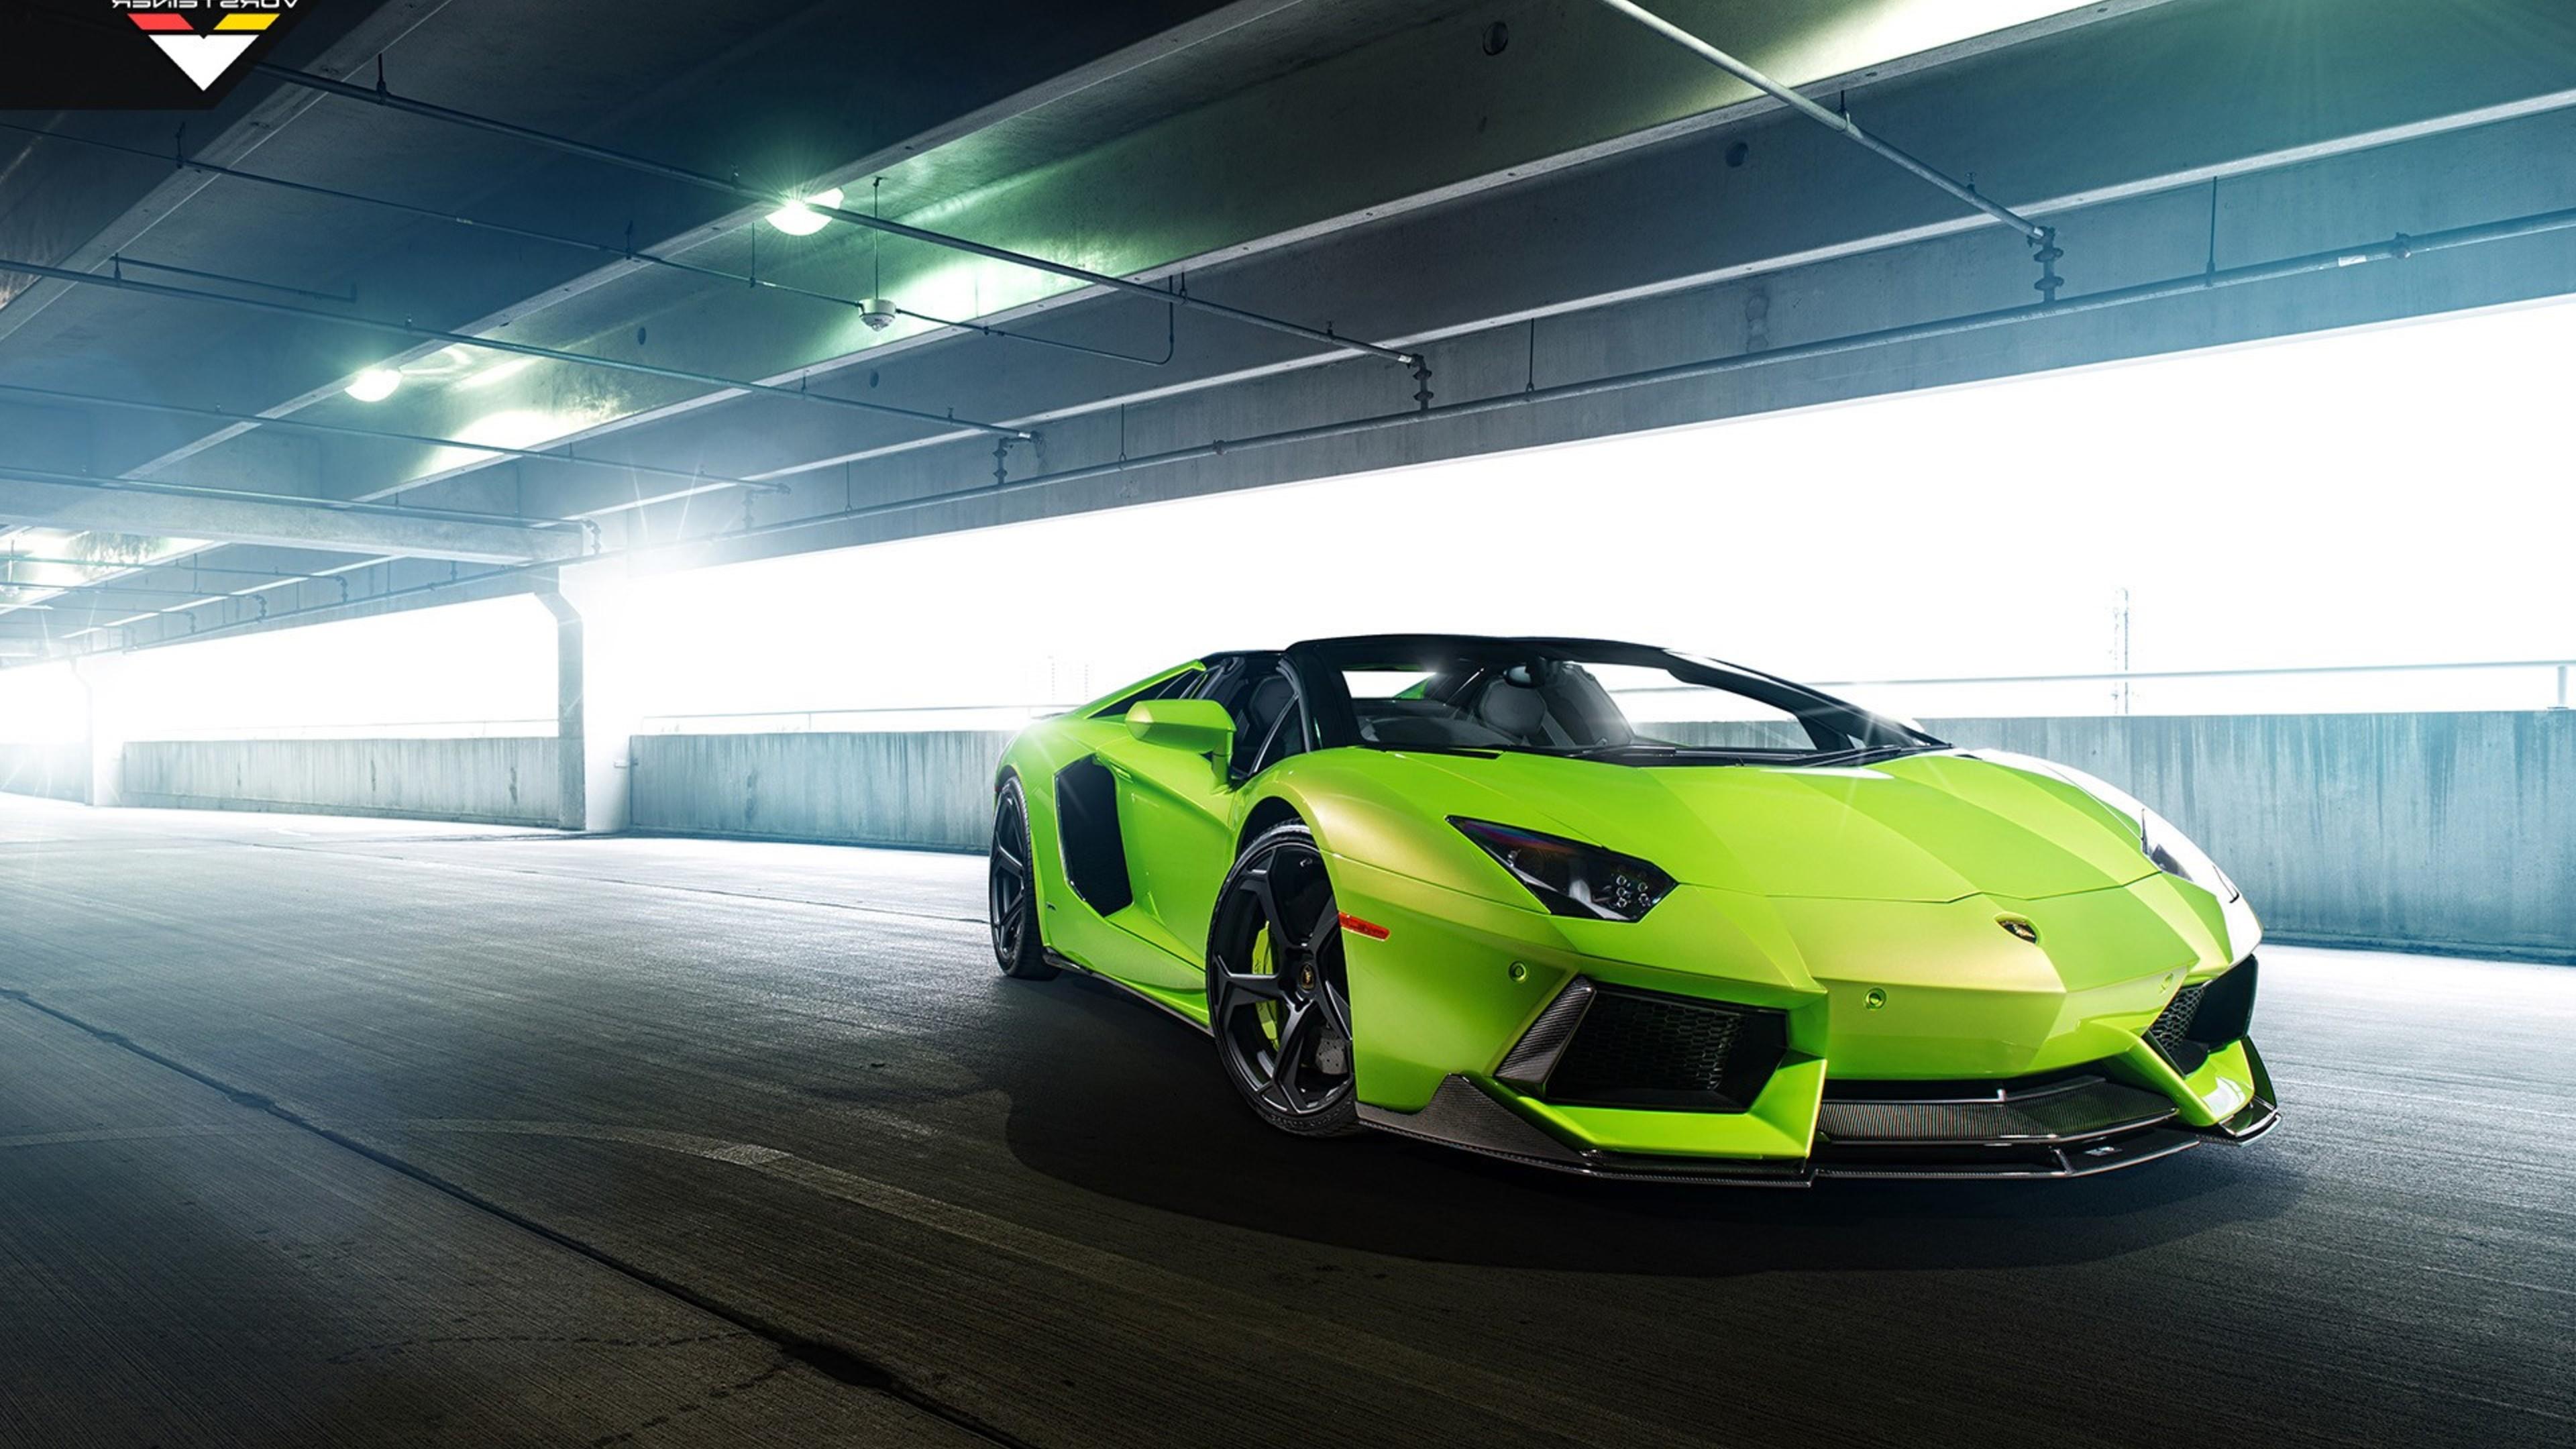 Lamborghini Aventador Green 4k Hd Cars 4k Wallpapers: Lamborghini Green, HD Cars, 4k Wallpapers, Images